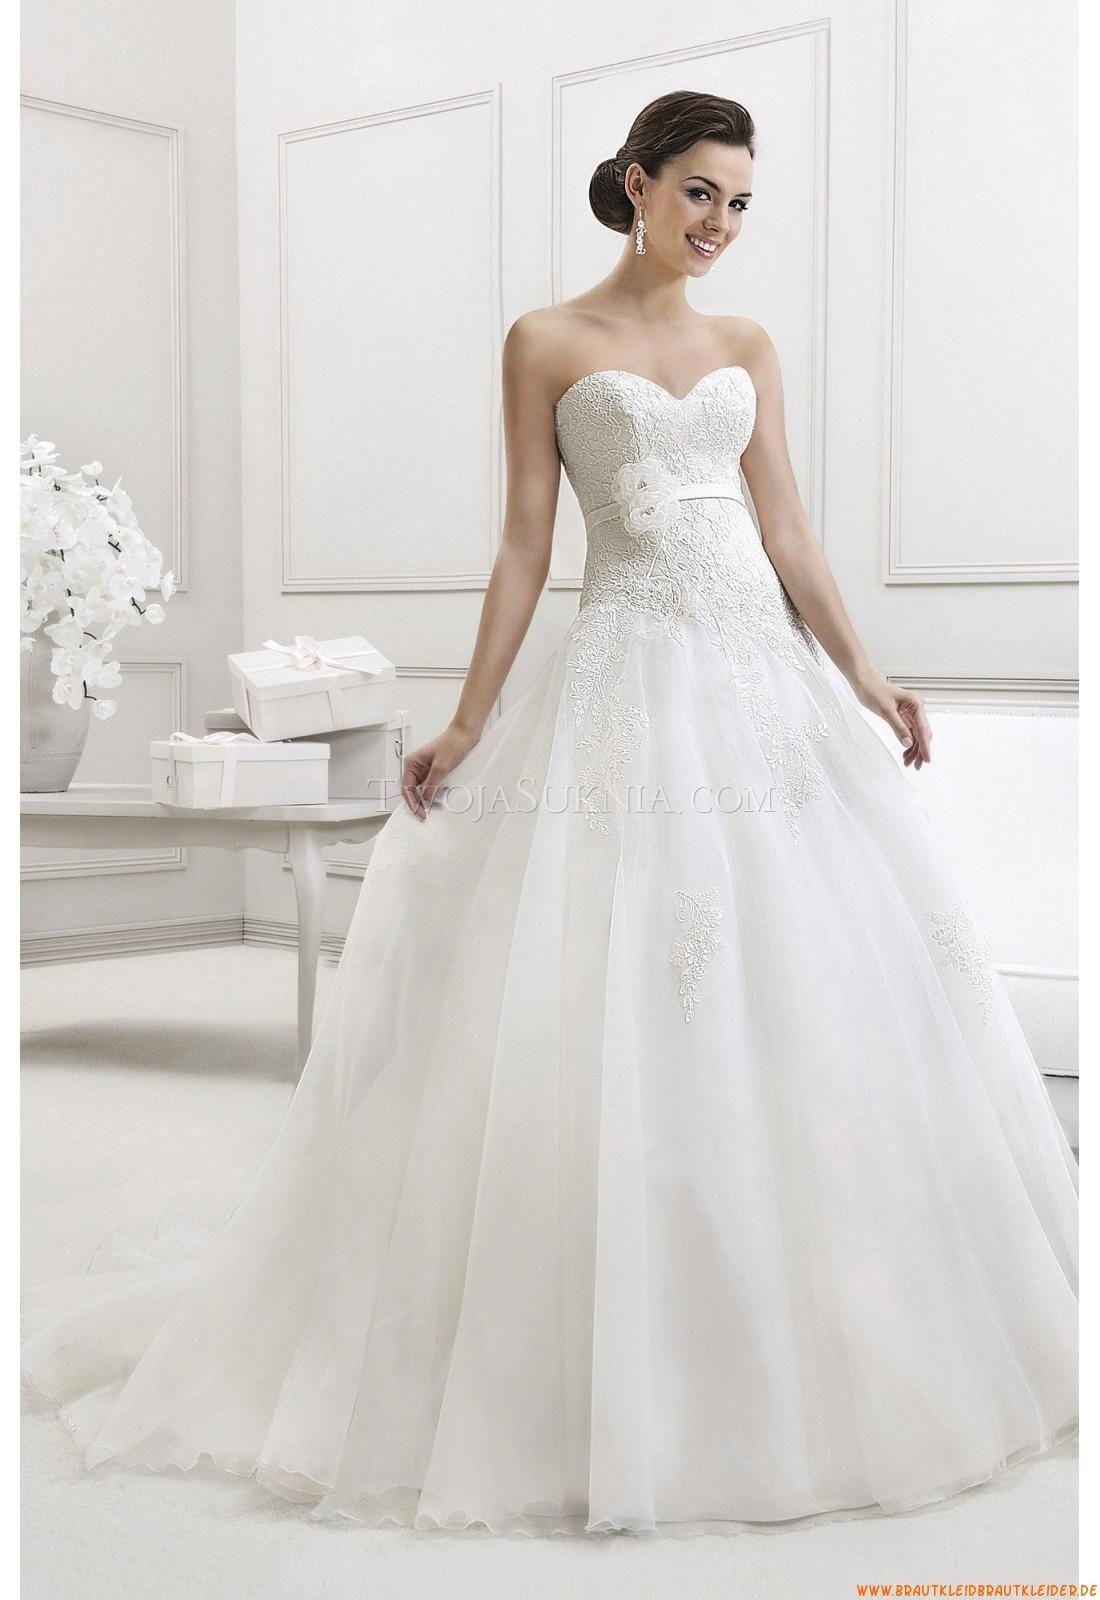 Ziemlich Bescheidener Brautkleider Lds Ideen - Hochzeitskleid Für ...